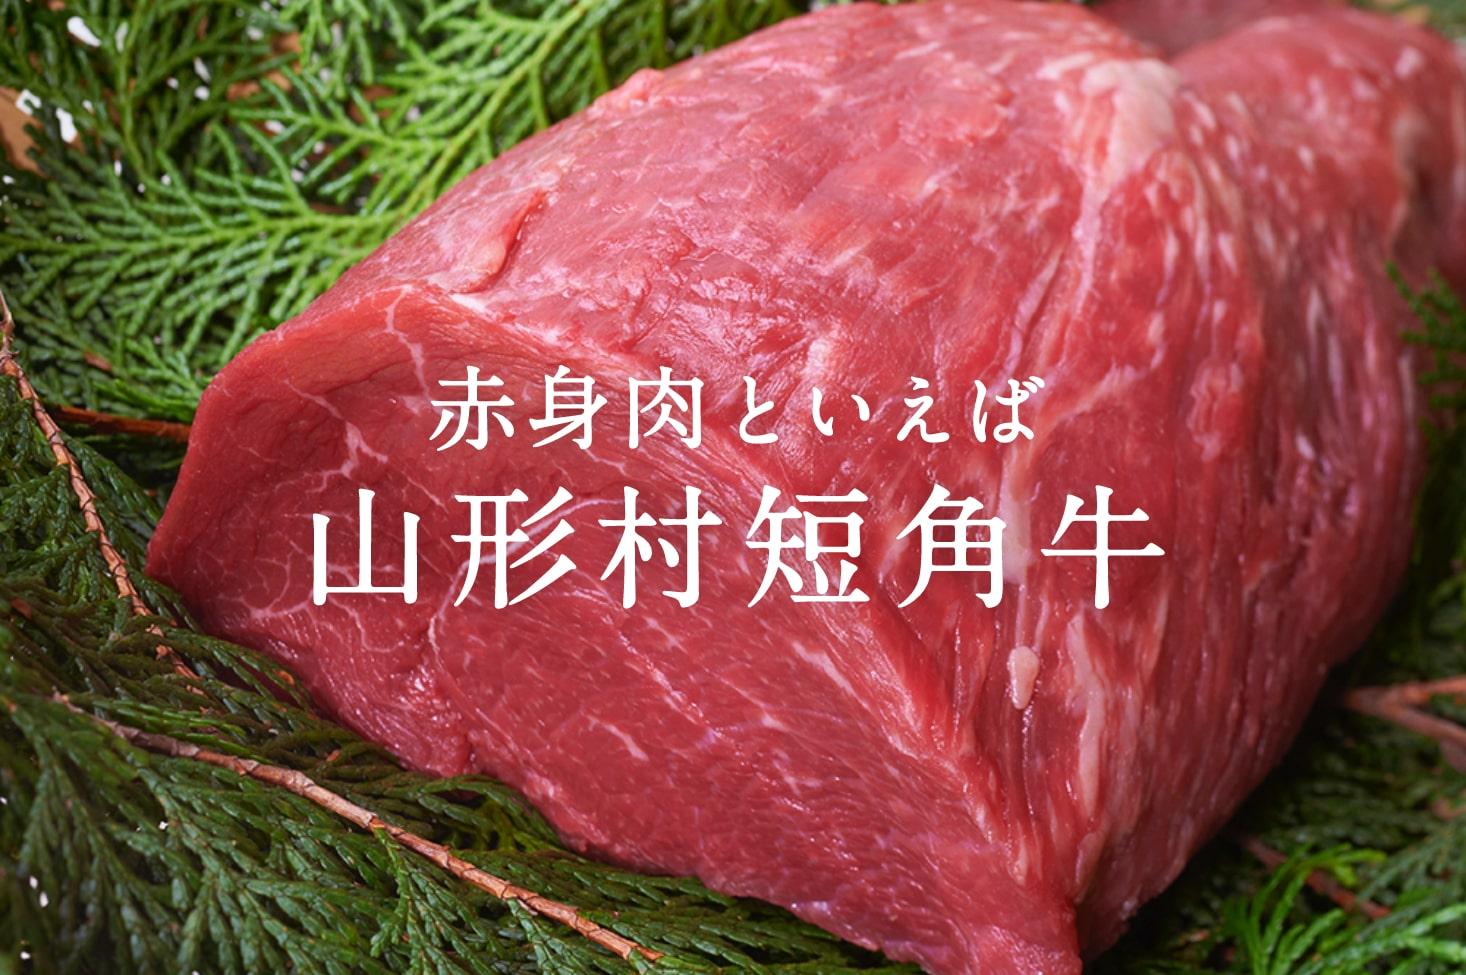 赤身肉といえば山形村短角牛